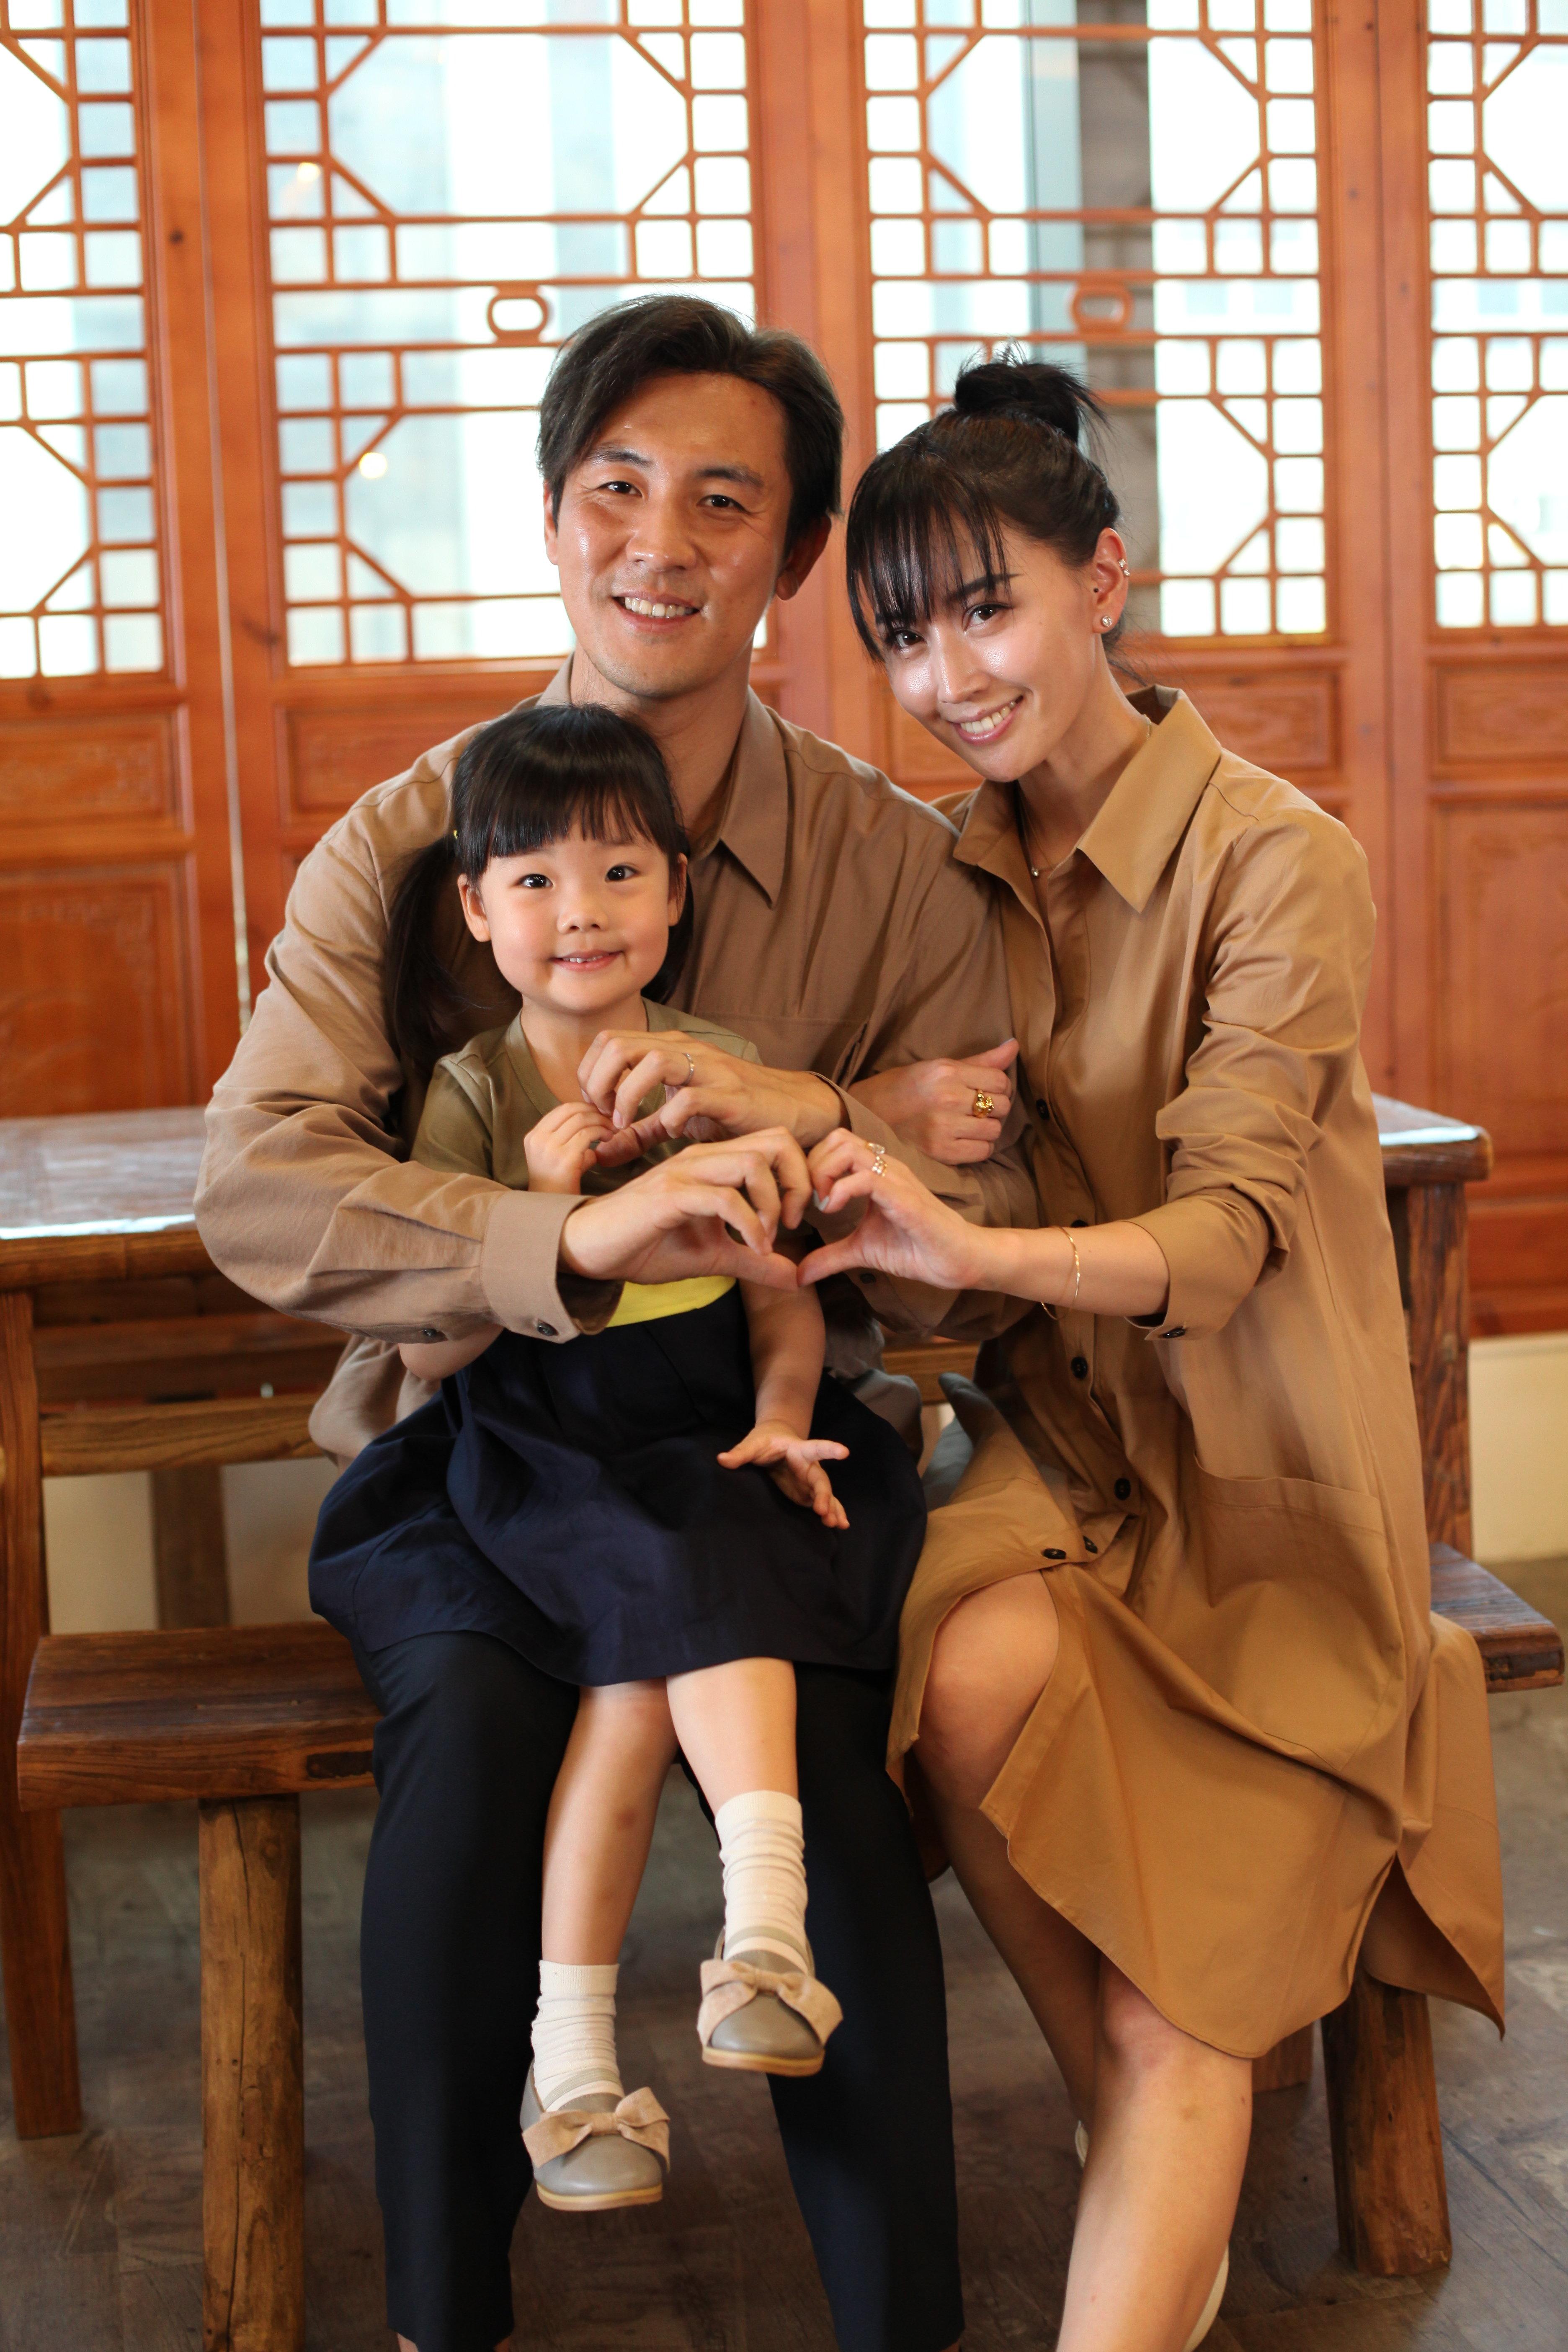 譚俊彥四年前毅然將工作回流香港,希望有更多時間見證子女的成長。